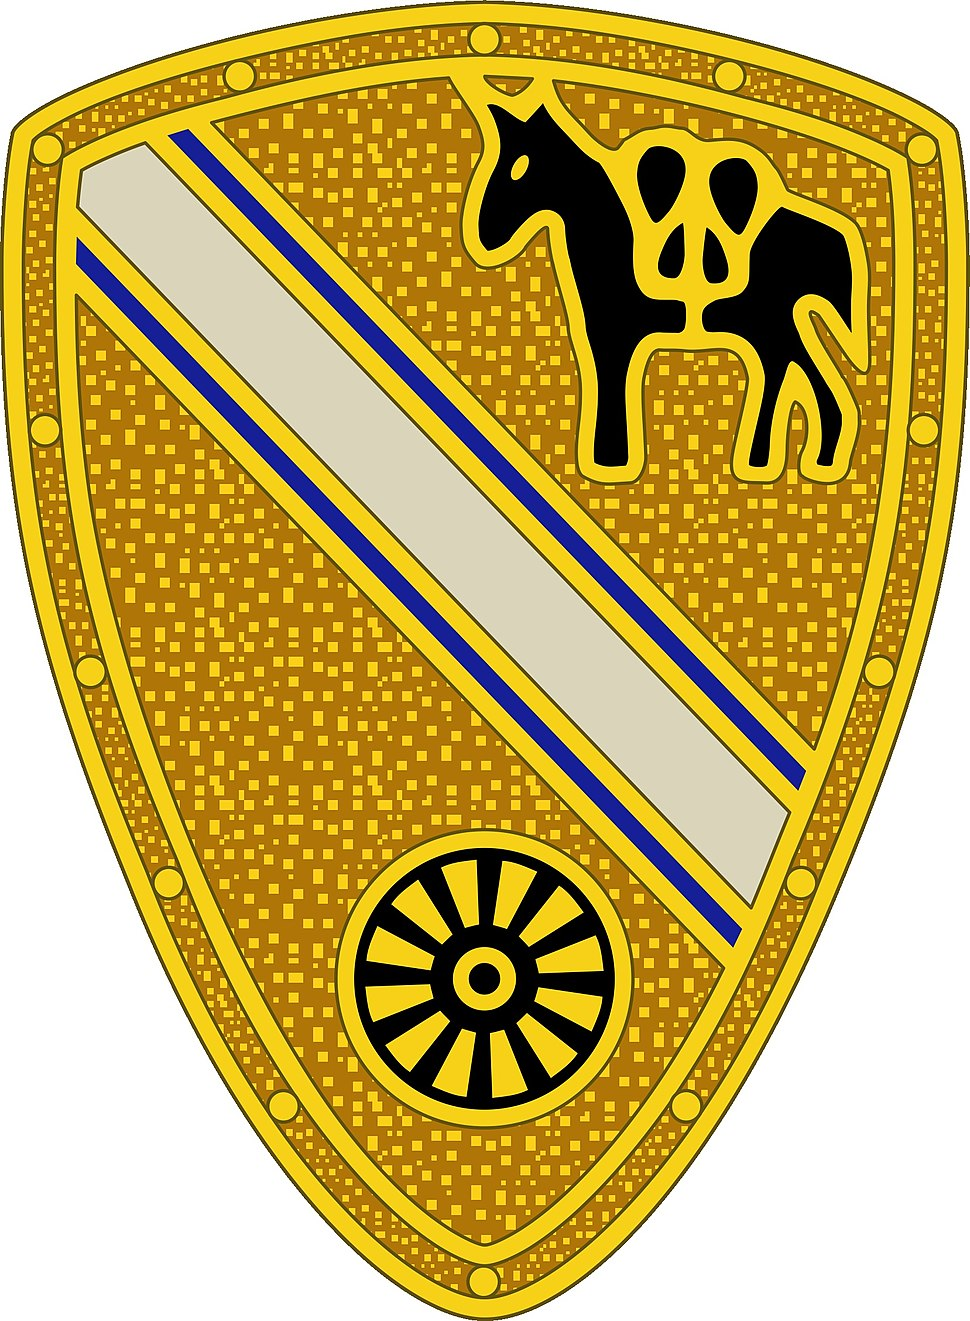 16th Quartermaster Squadron